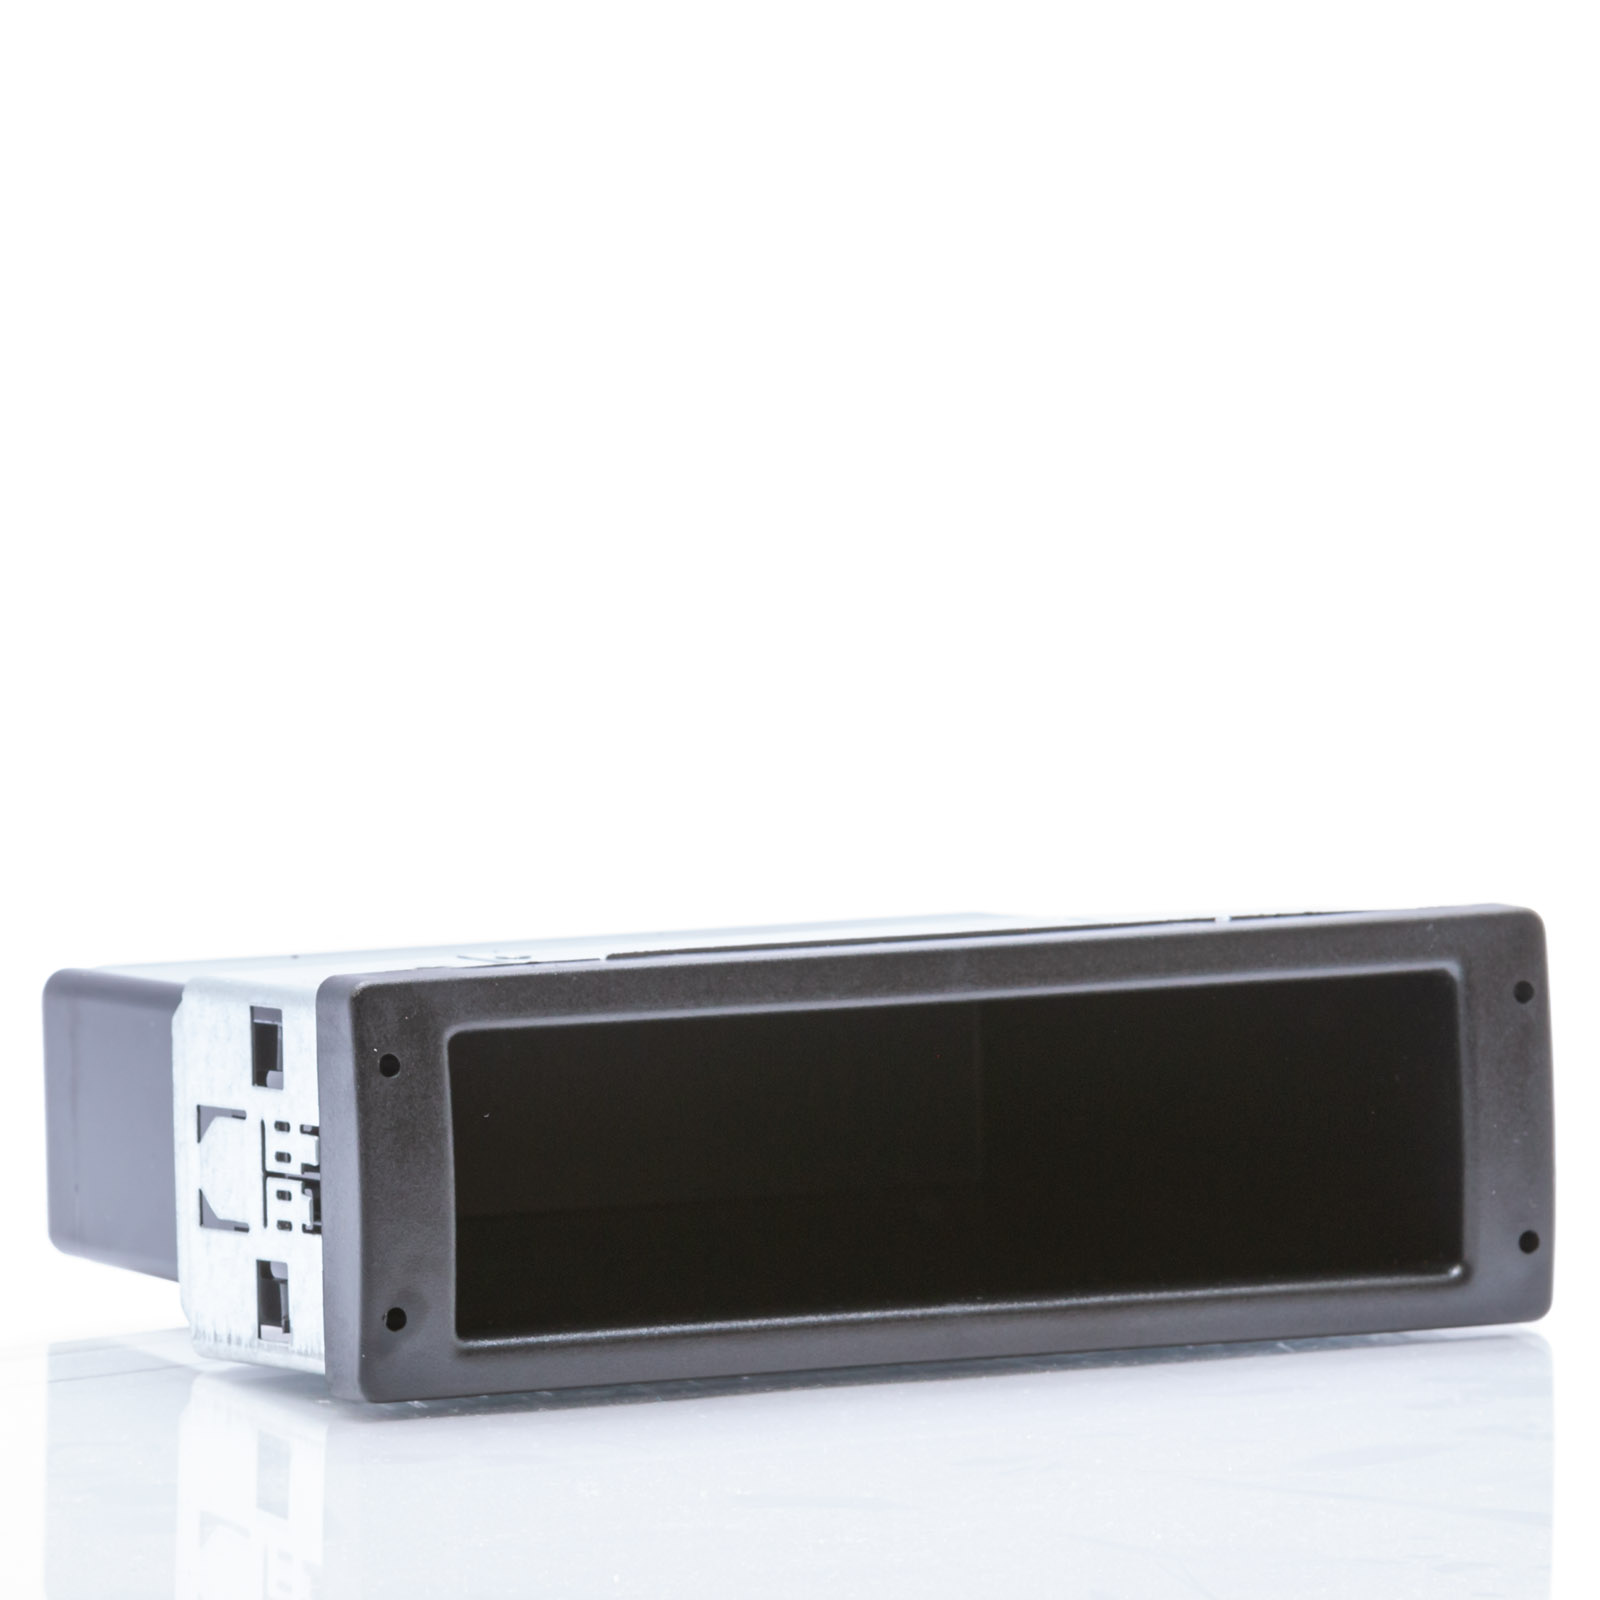 Ablagefach mit DIN Einbaurahmen universal Radioblende